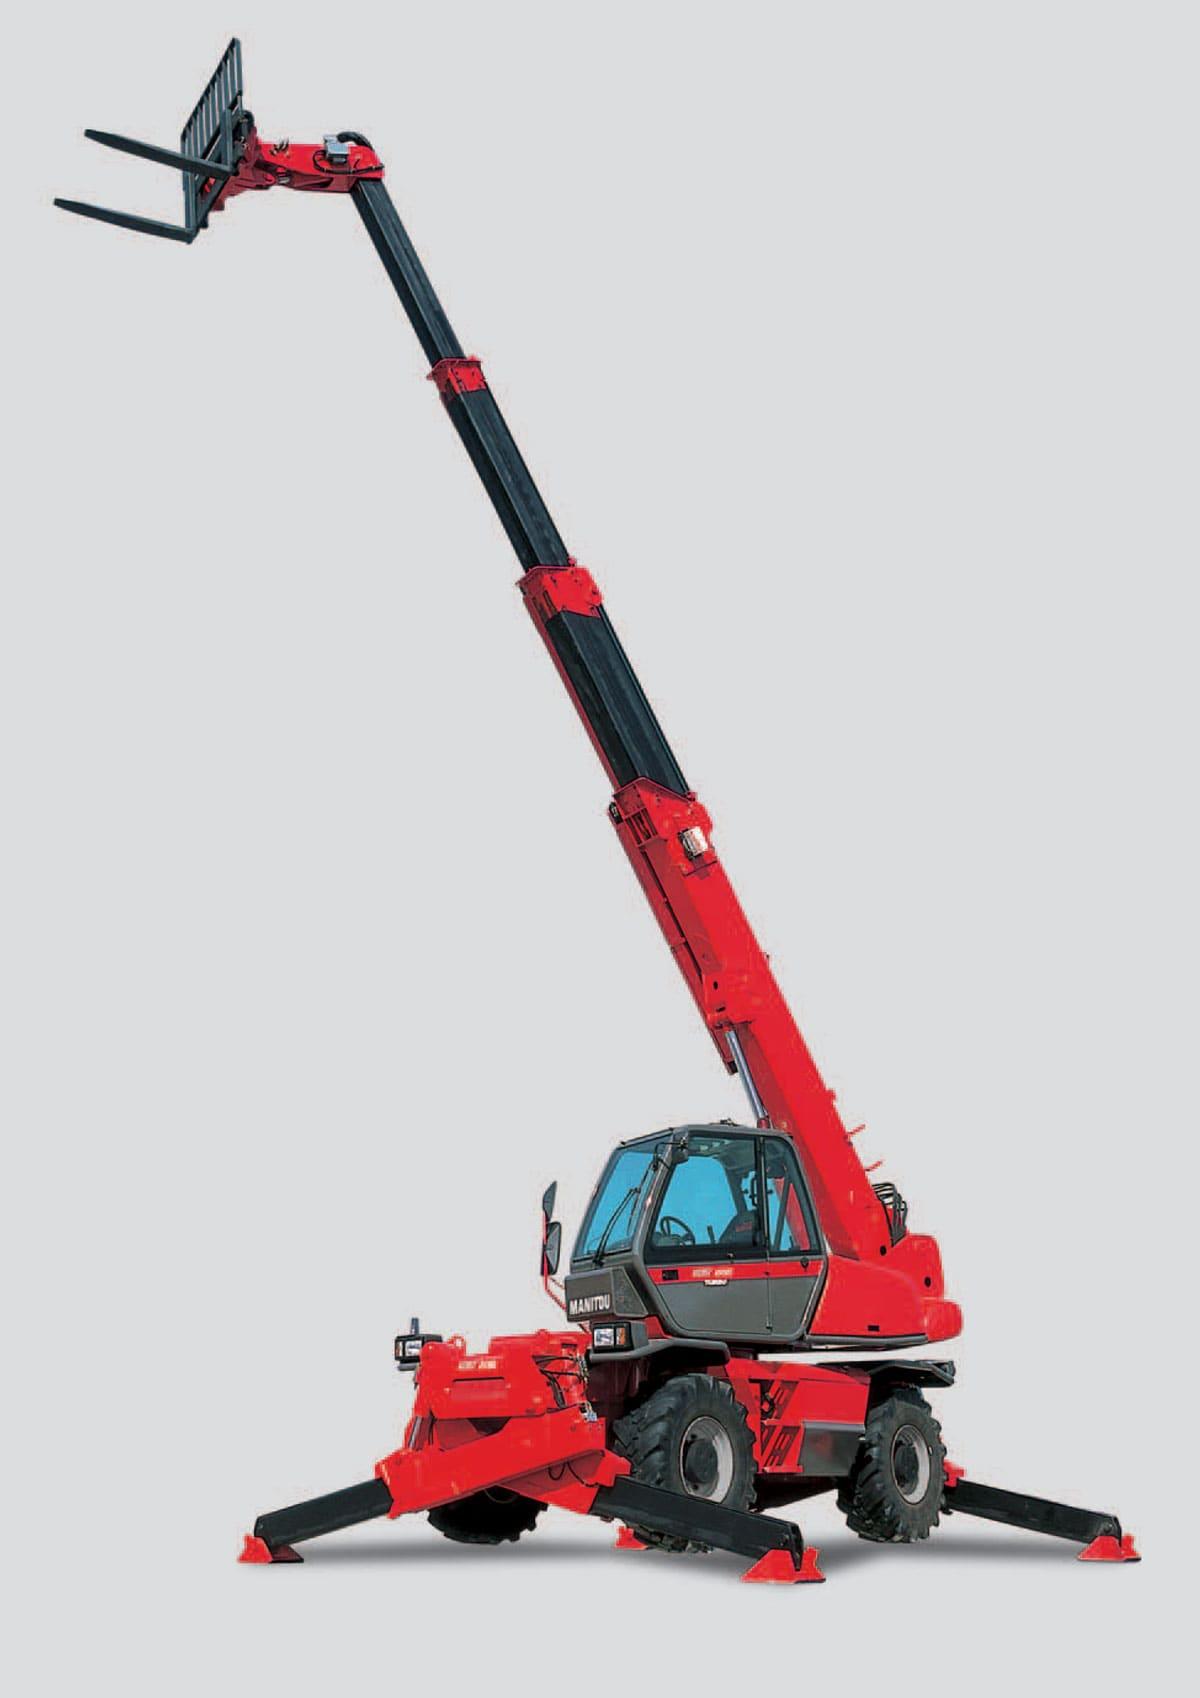 Manitou-mrt-2150